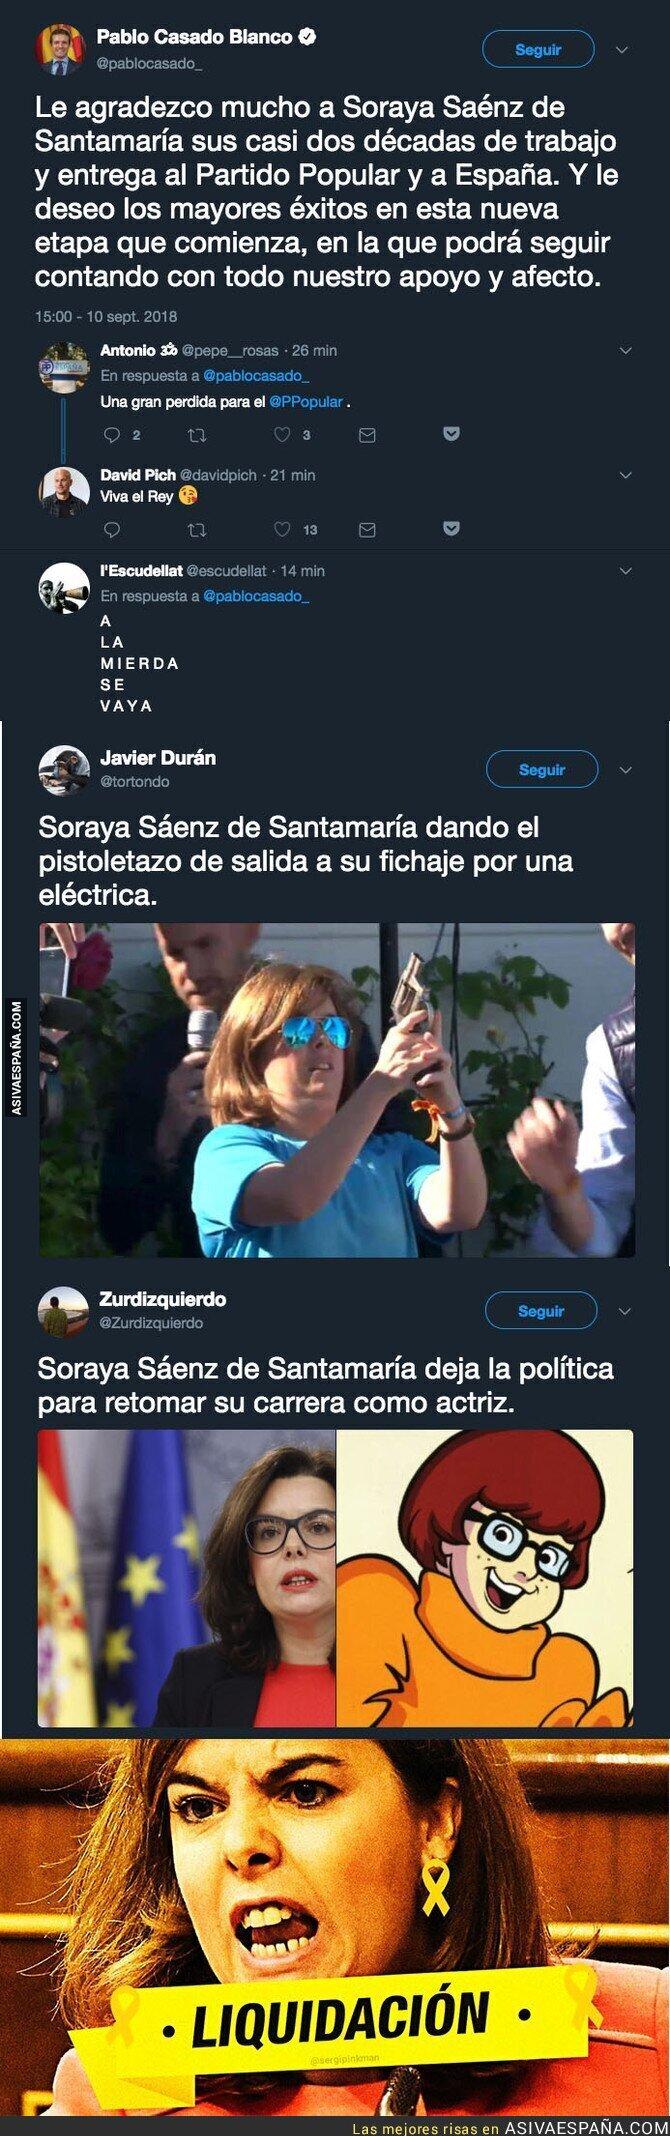 92866 - Soraya Sáenz de Santamaría abandona el PP y la política